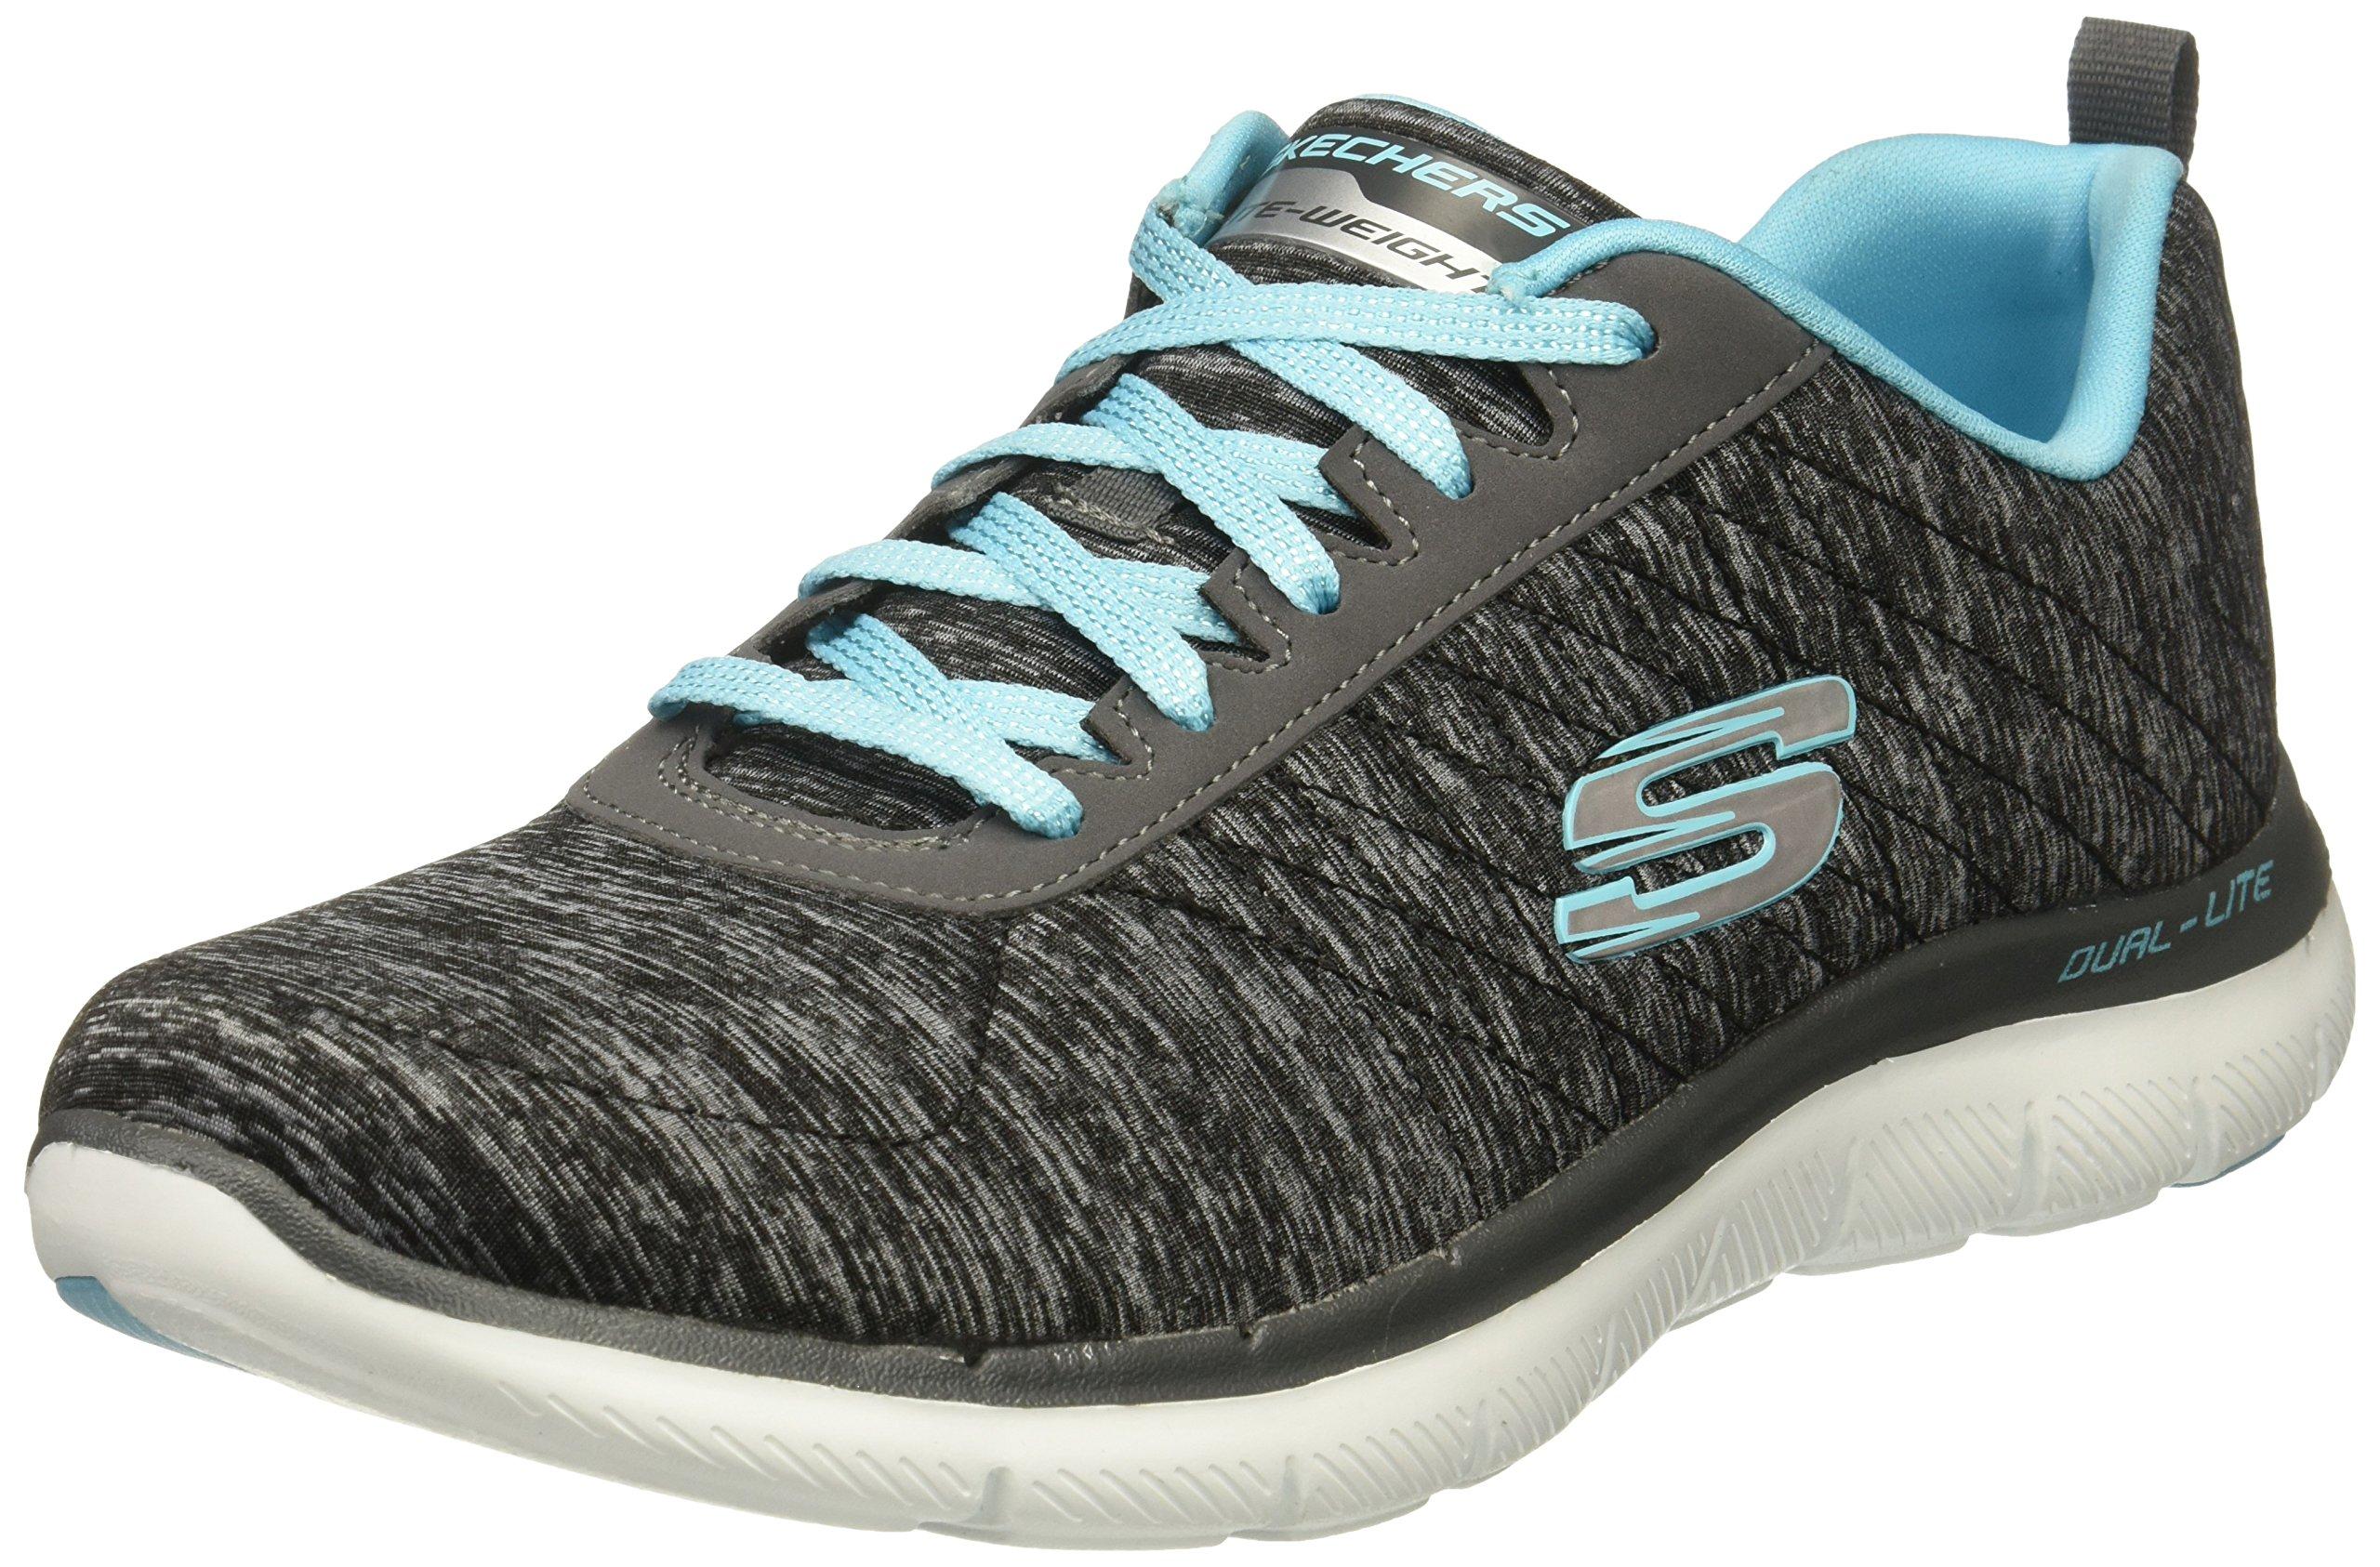 Skechers Women's Flex Appeal 2.0 Fashion Sneaker, Black Light Blue, 8 M US